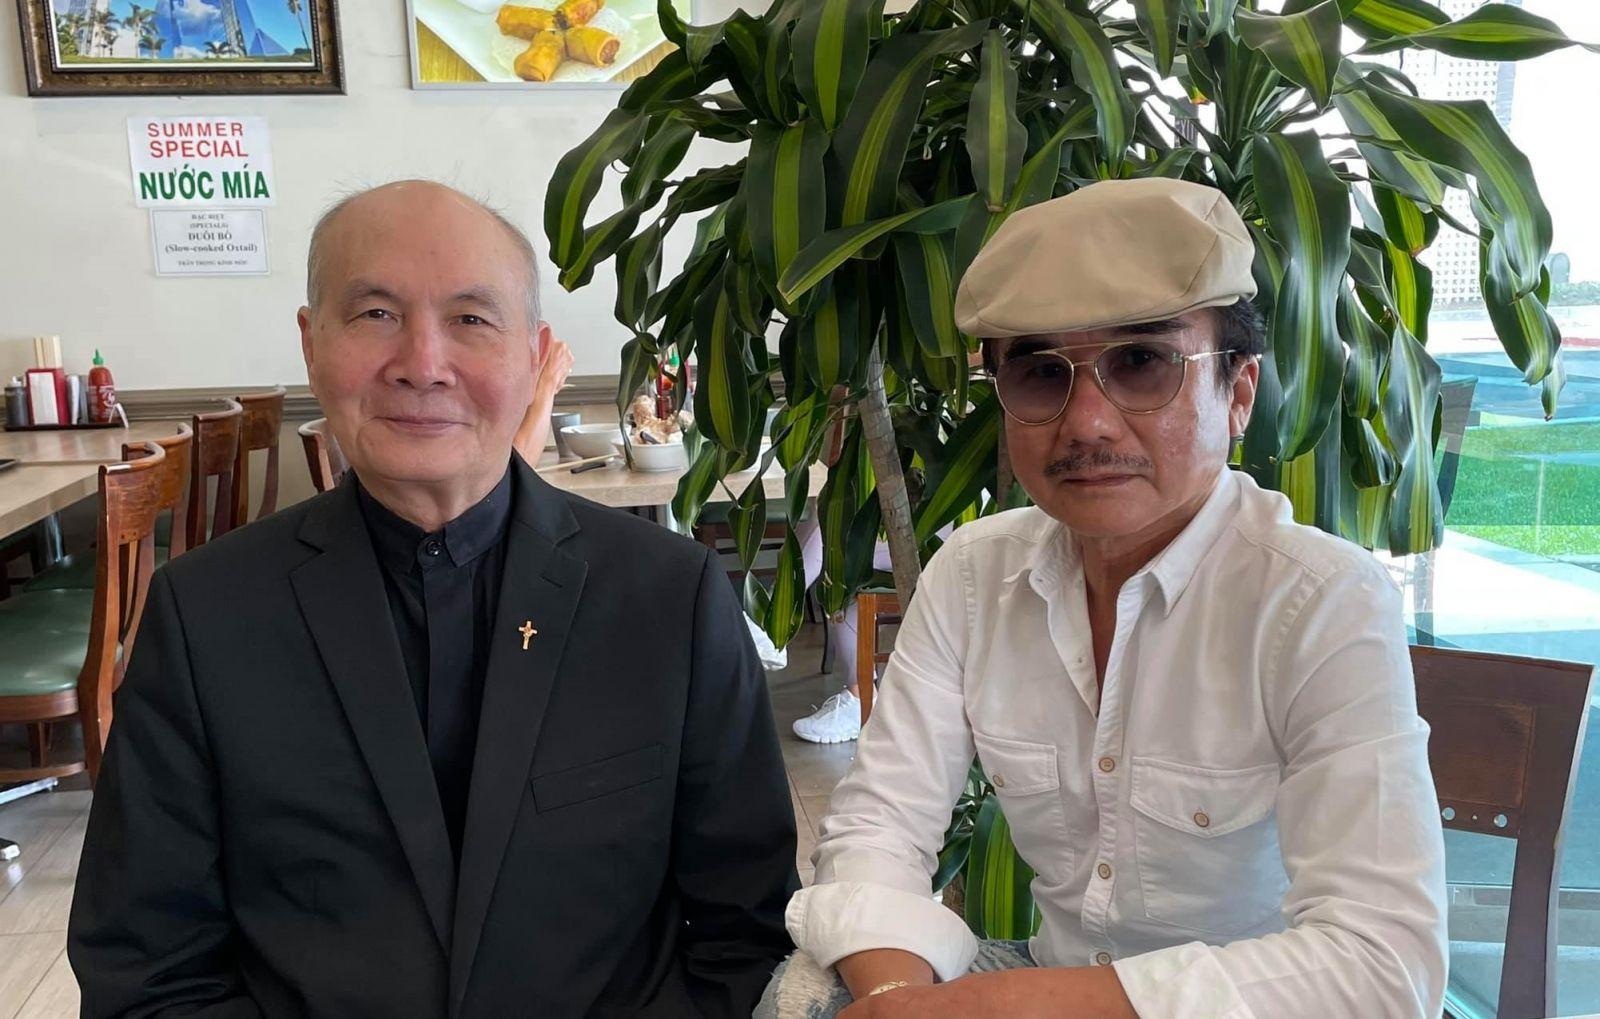 Nhà báo Nguyễn Công Khế cảm xúc với Sài Gòn buồn của nhạc sĩ Vũ Thành An